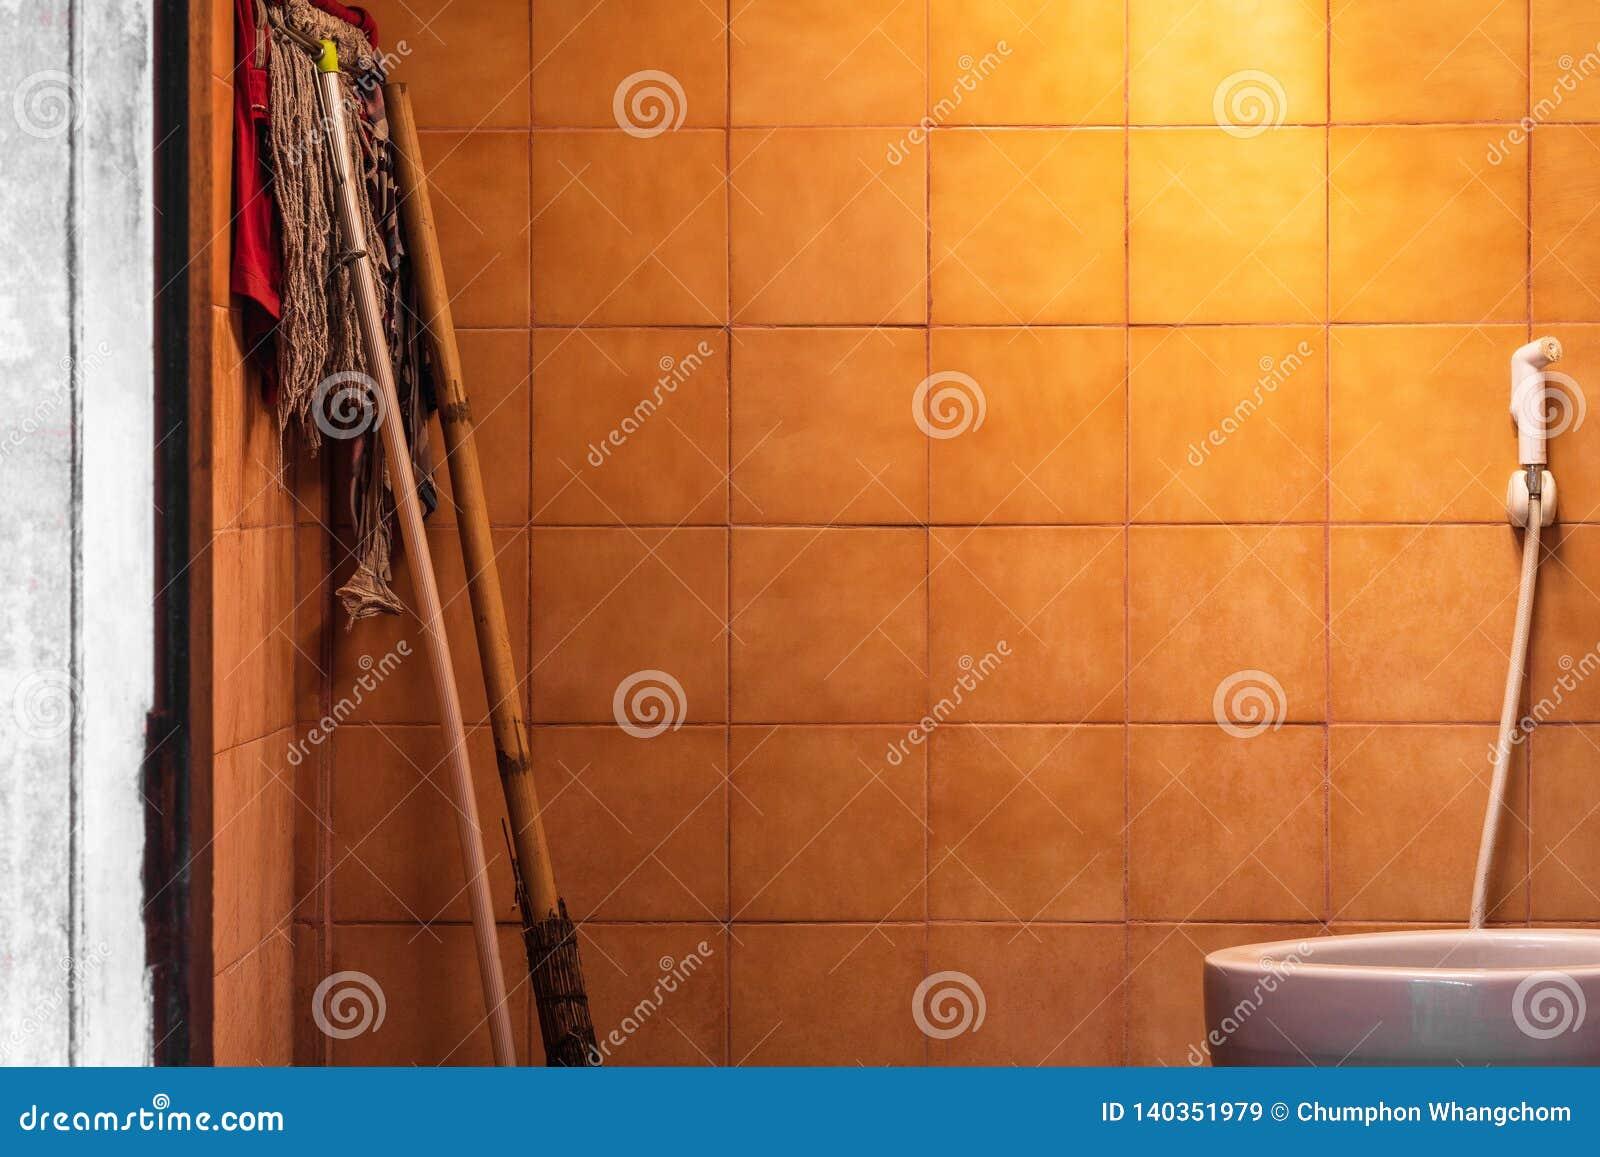 Viejo fondo del cuarto de baño con el equipo de limpieza Cuarto de baño sucio